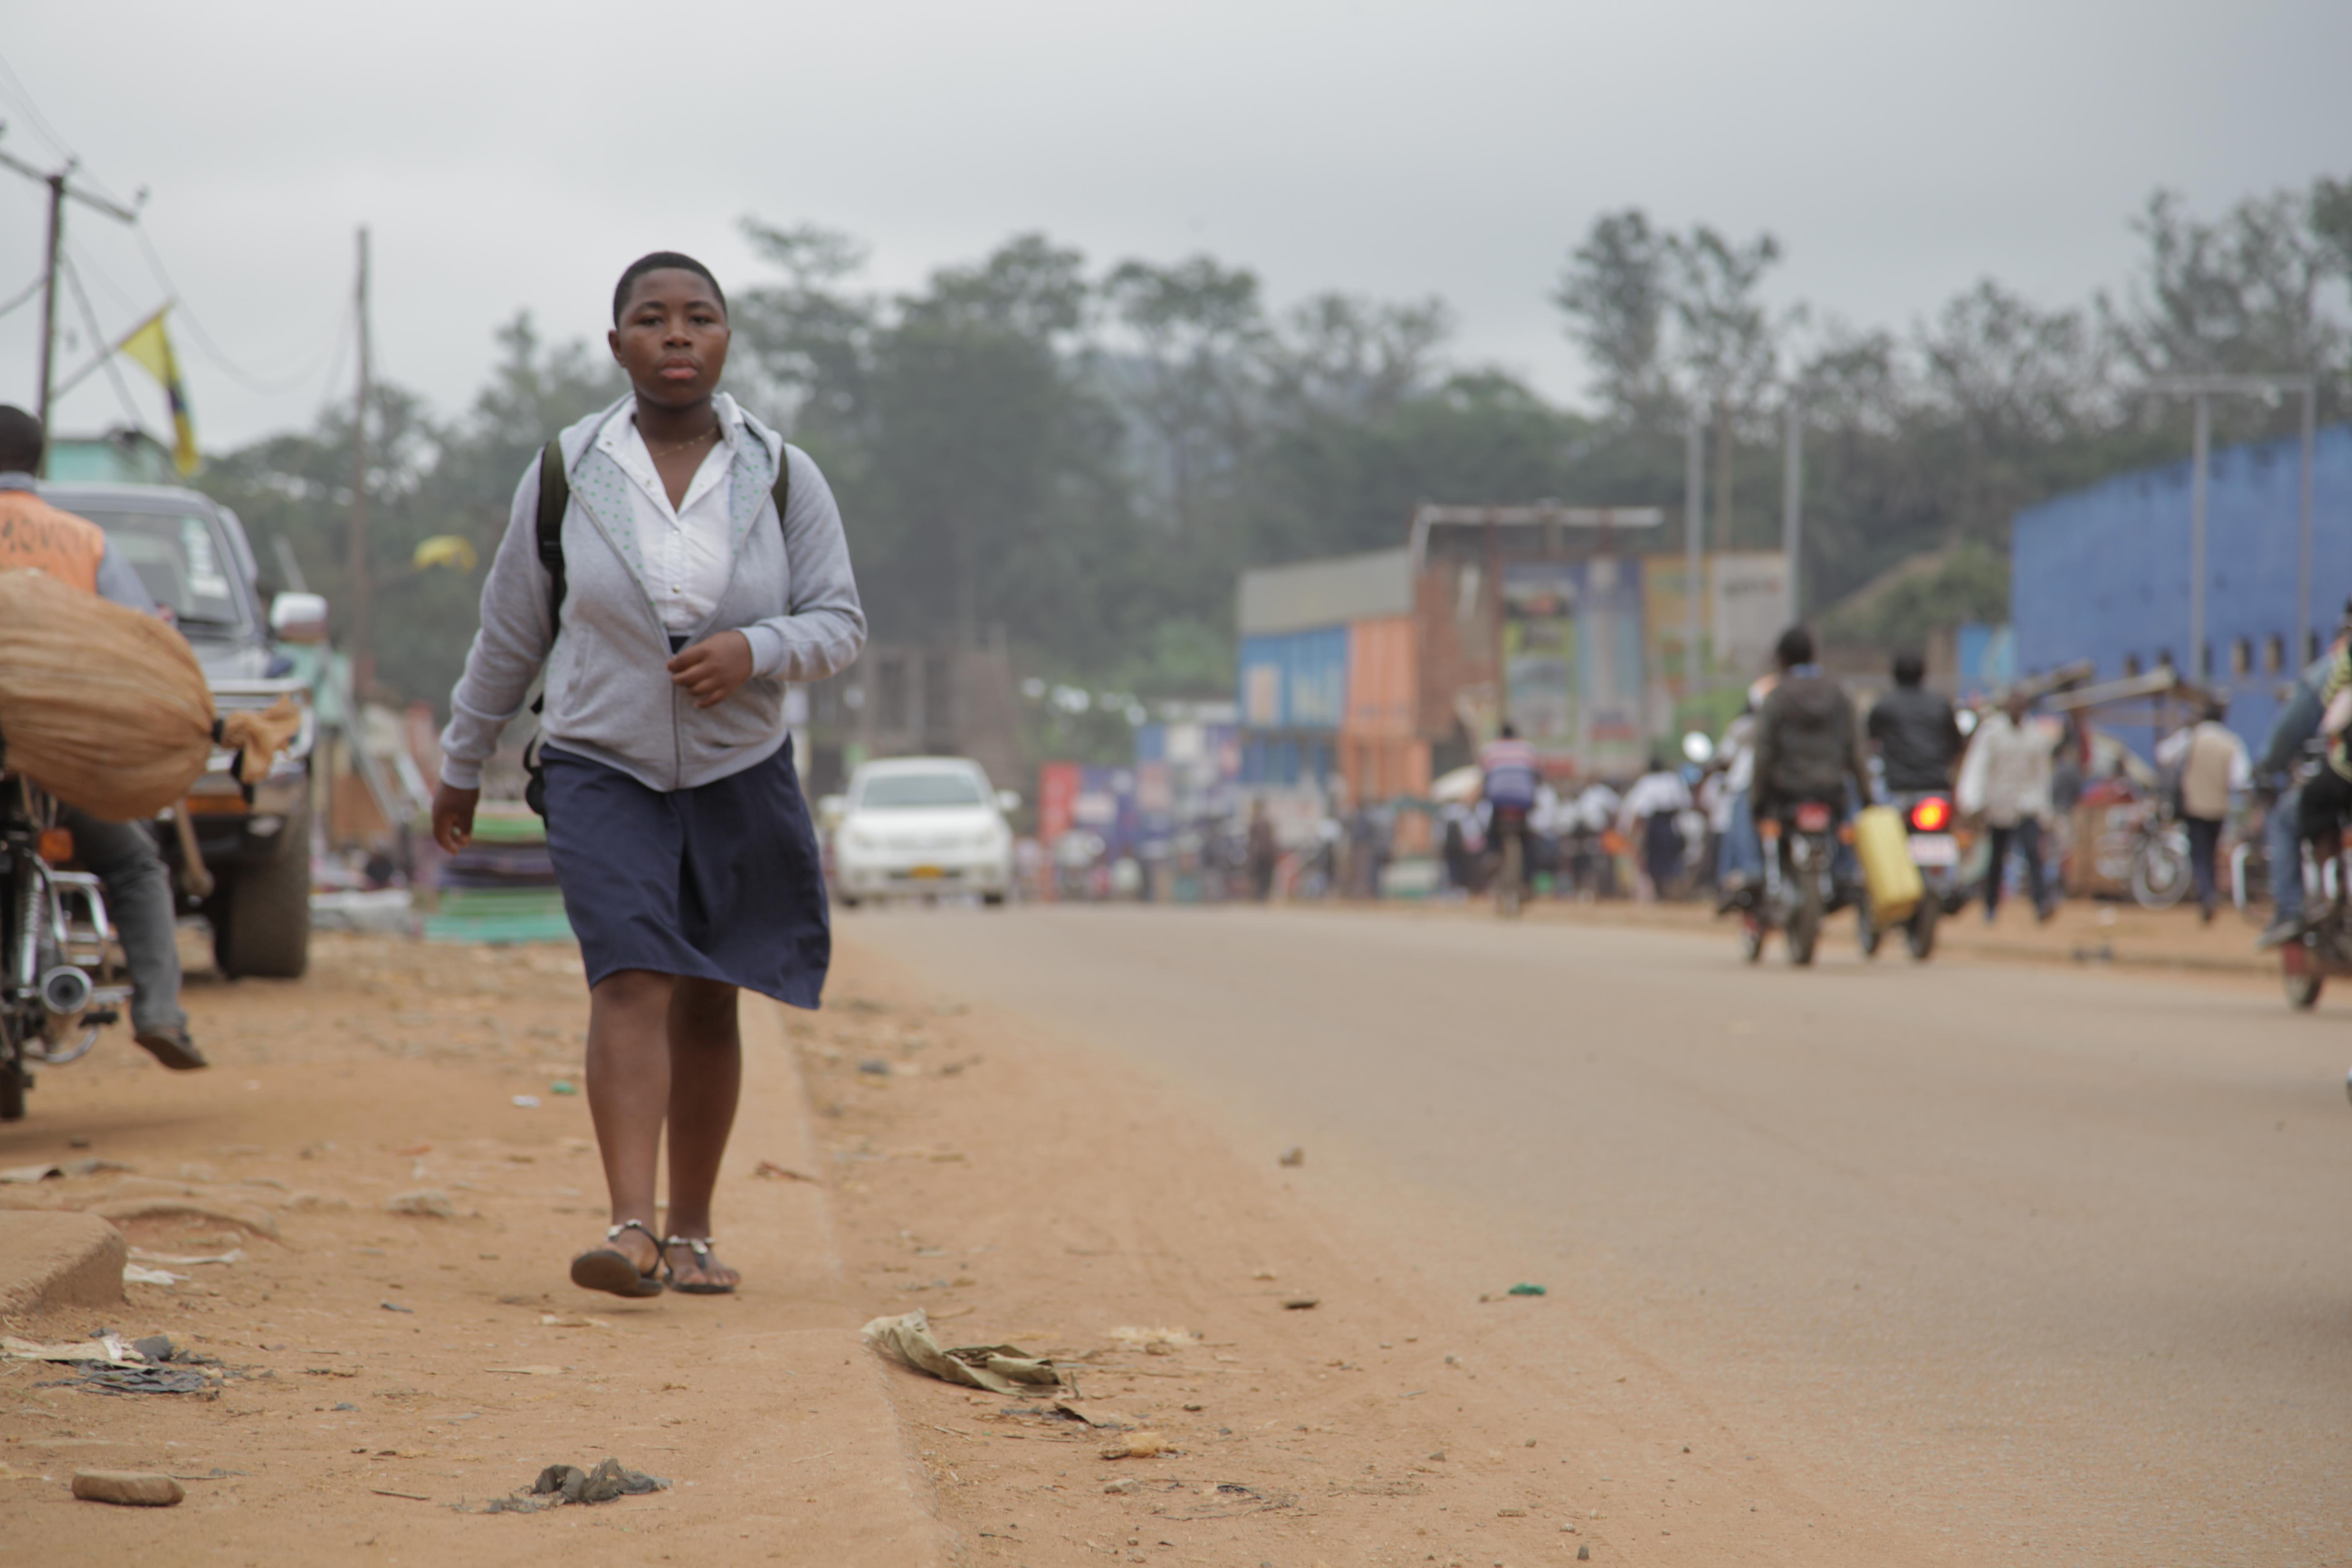 Early morning in Beni city, North Kivu [Zahra Moloo/Al Jazeera]